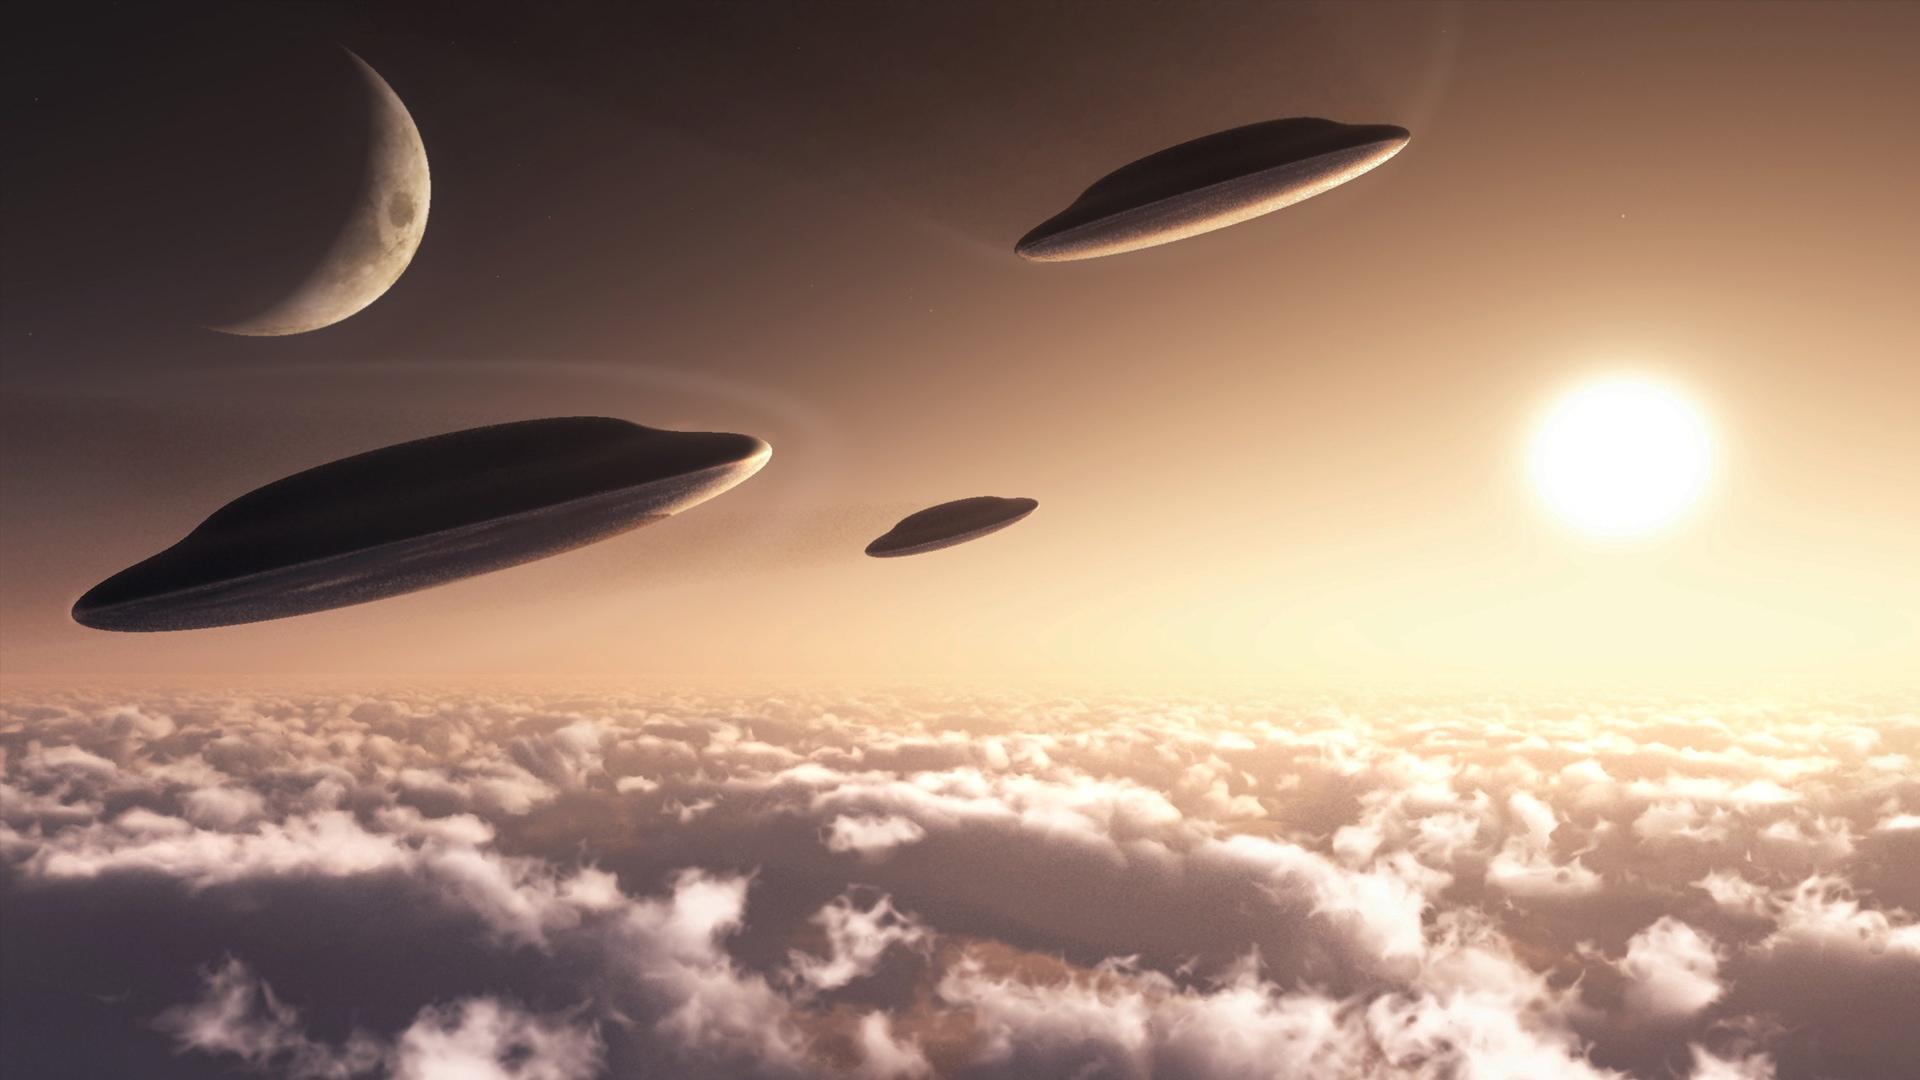 UFO Wallpaper 1920x1080